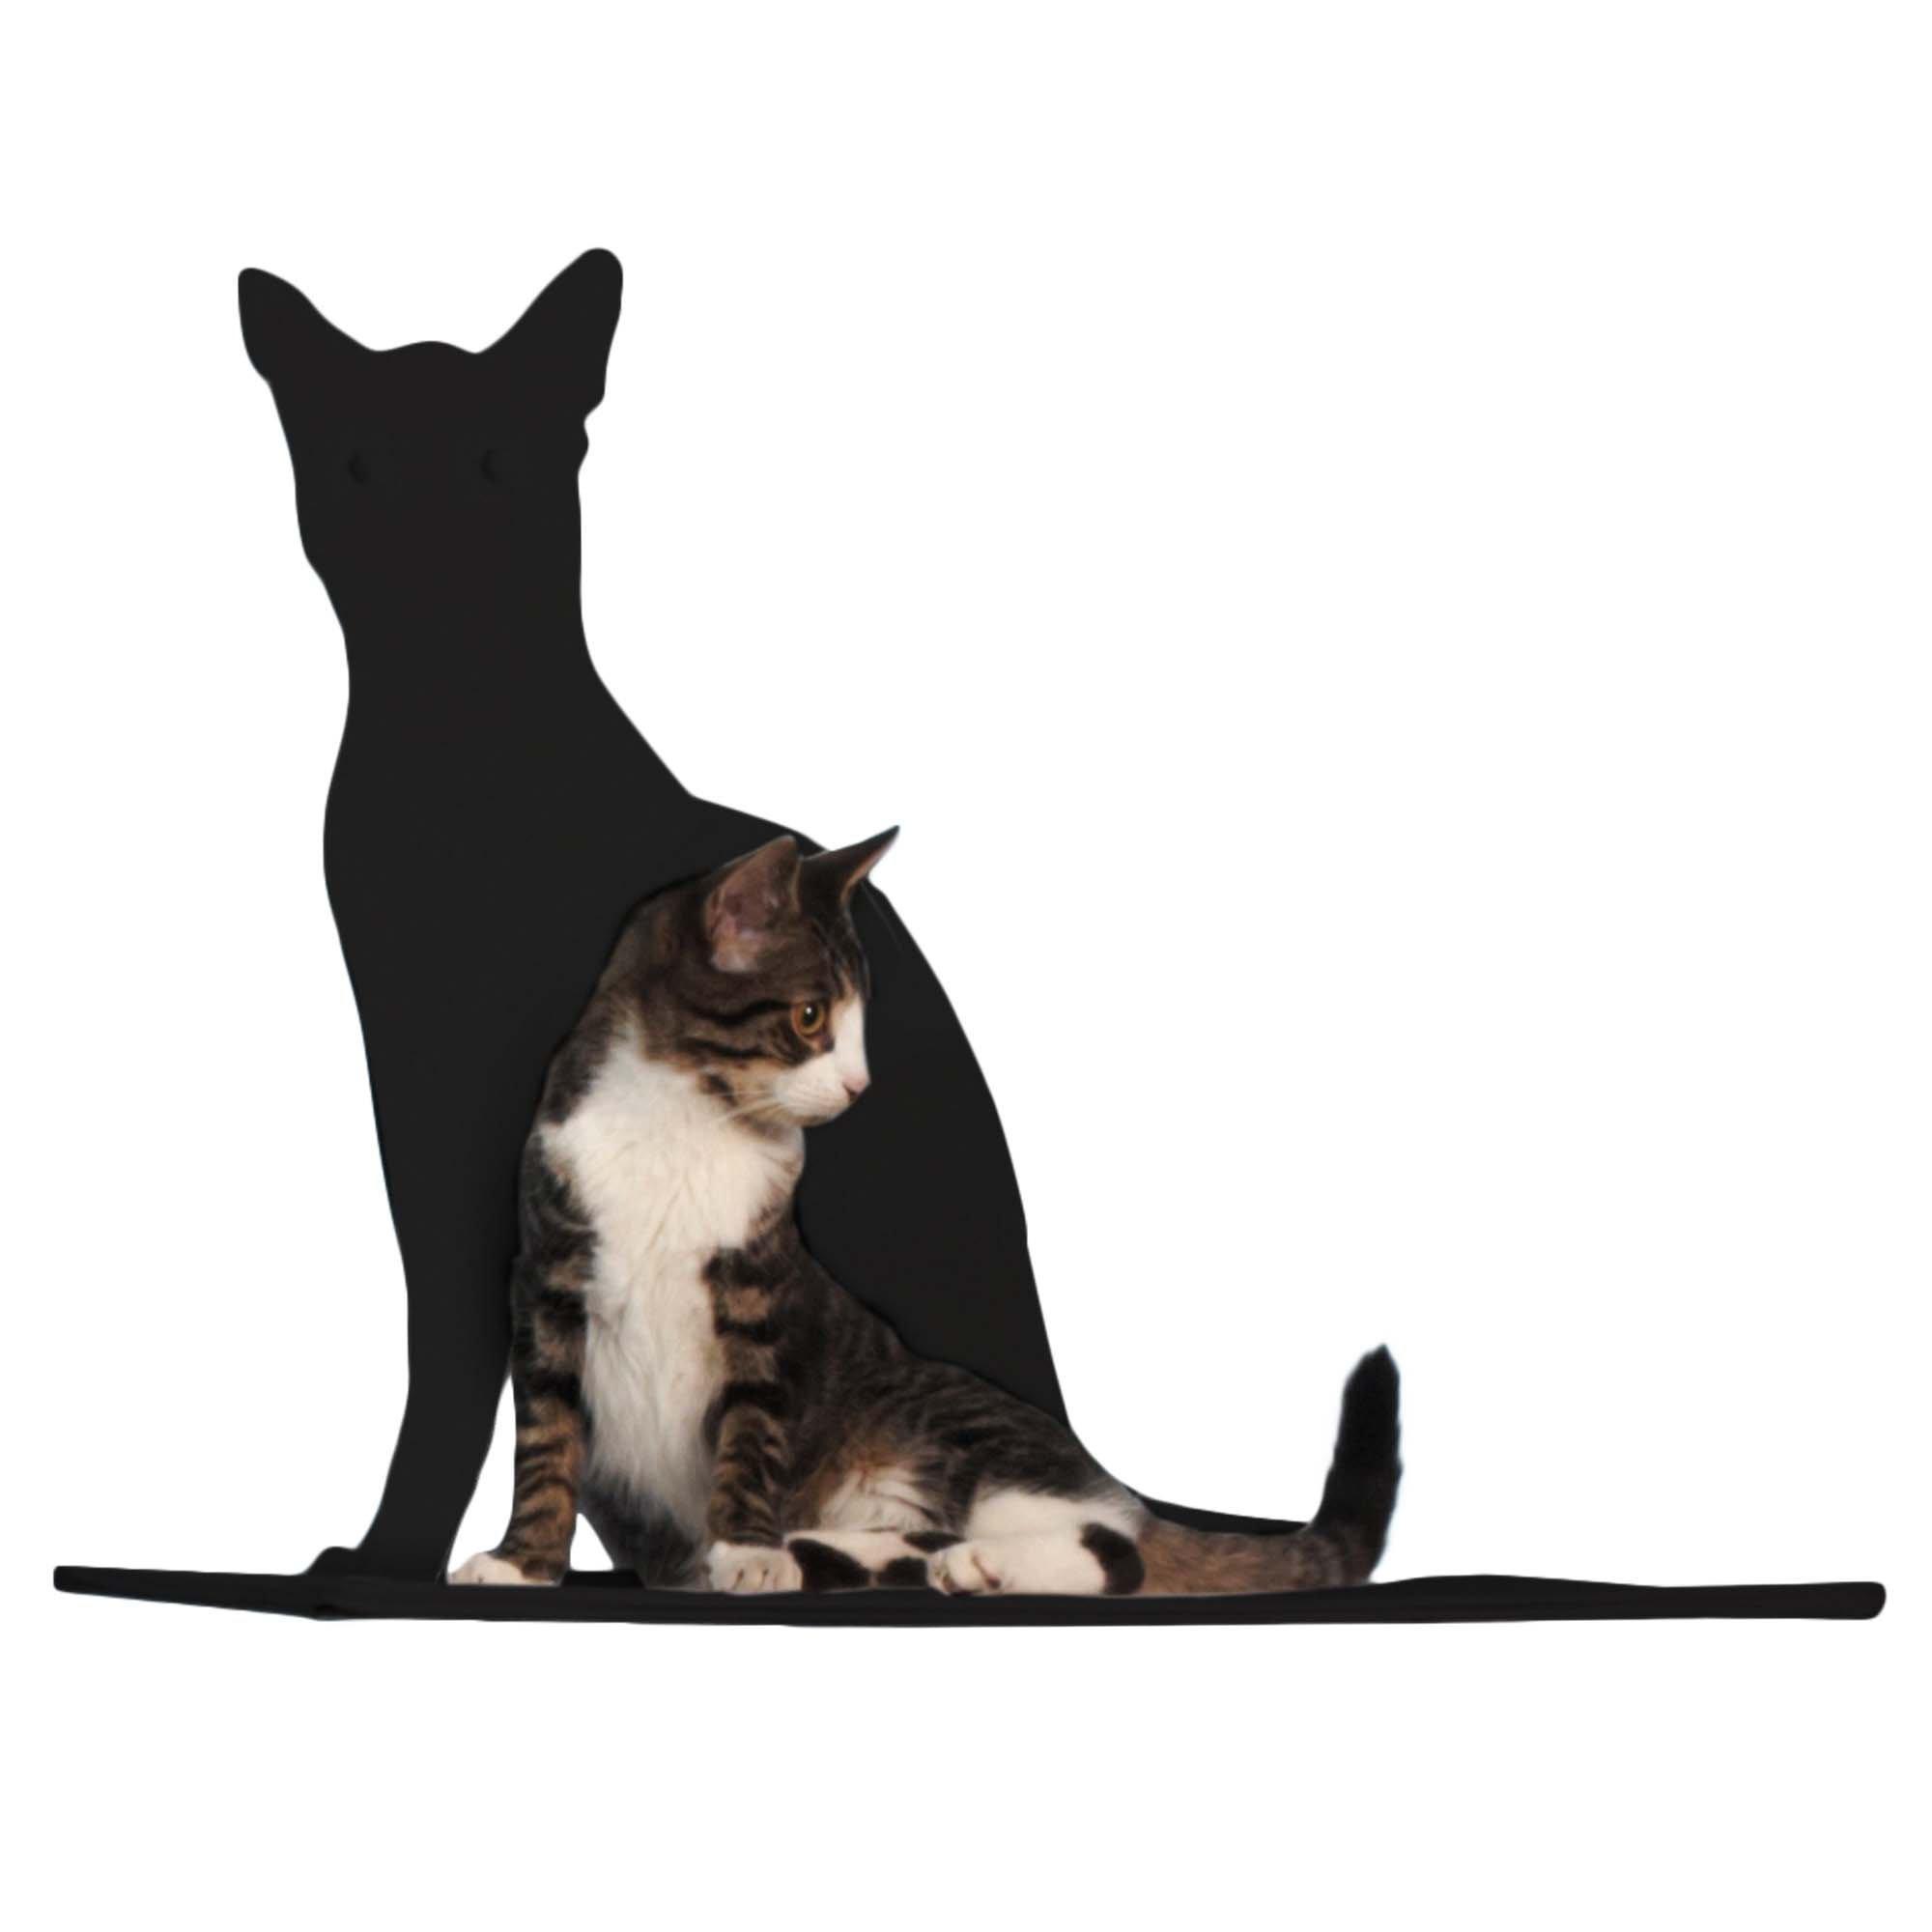 Cat Silhouette Cat Shelf Perch - Black